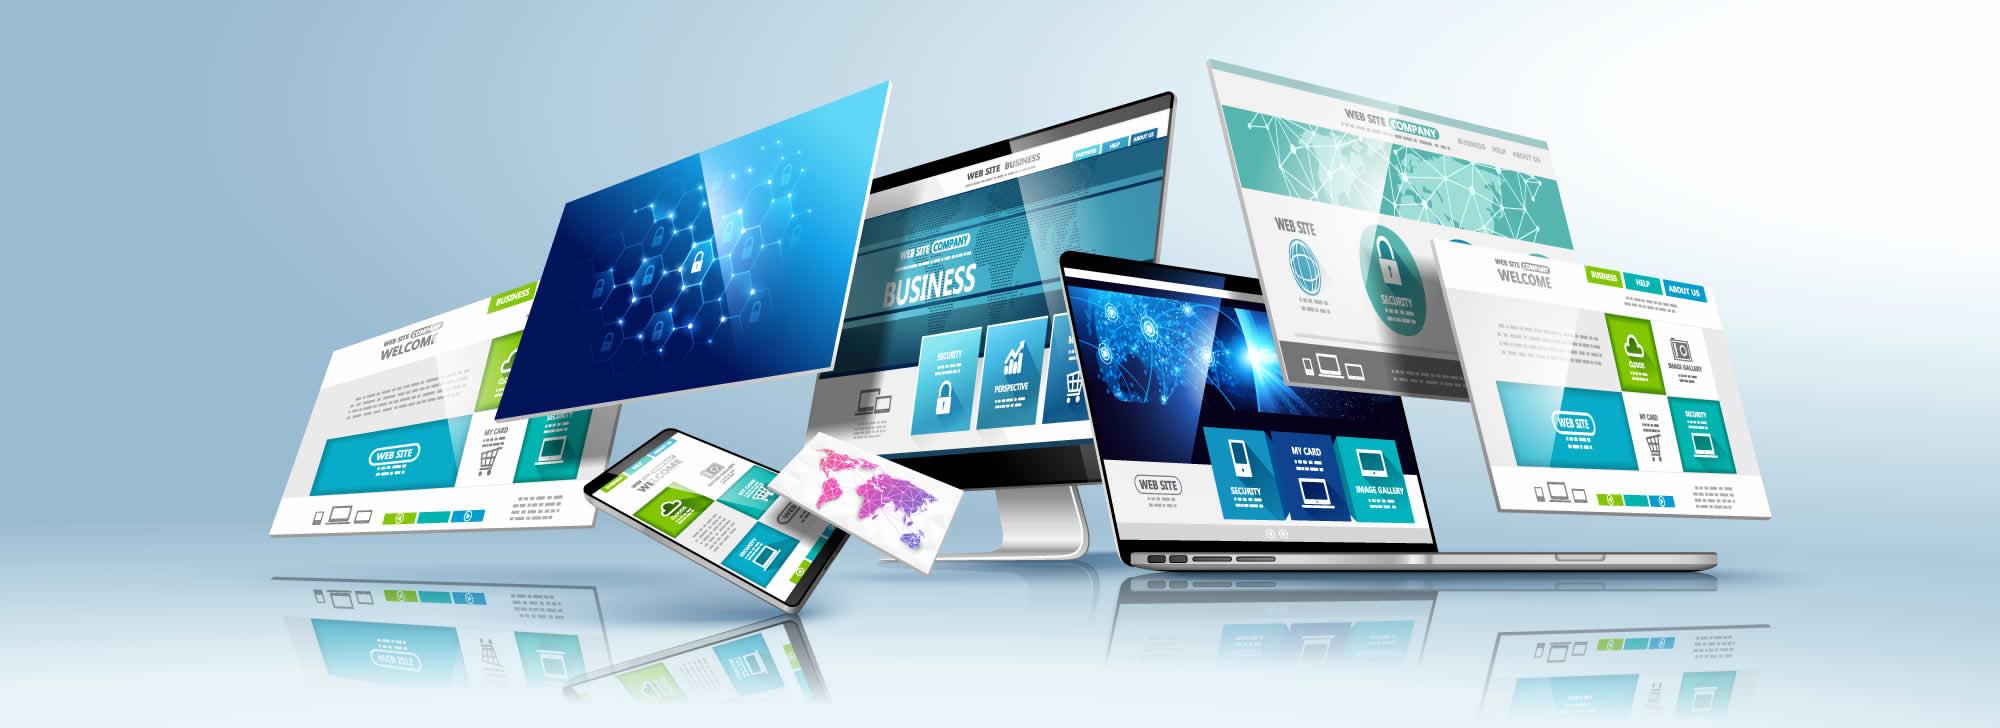 MDWEB Corp Mobile